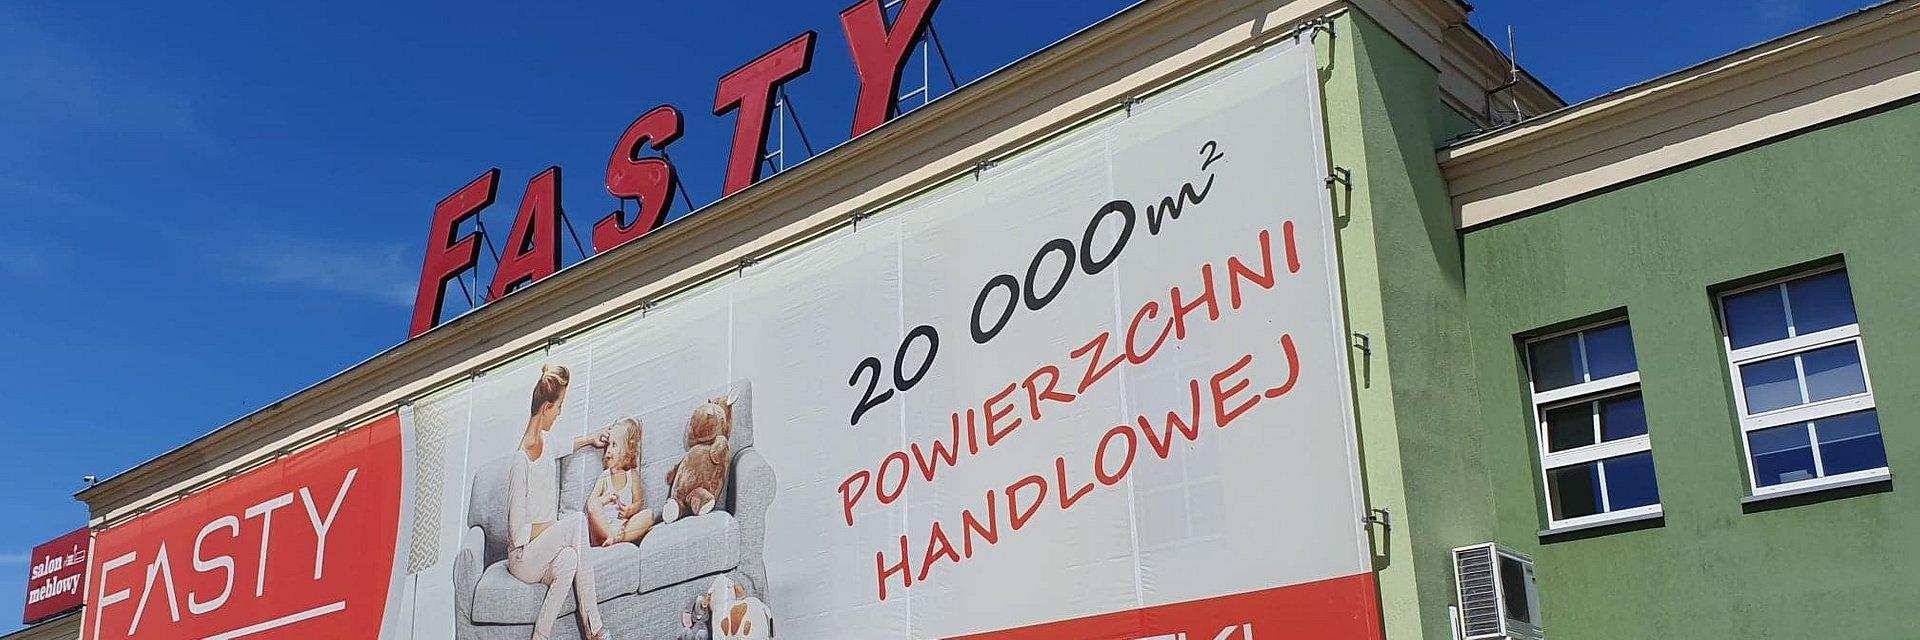 Nowy salon sprzedaży w białostockim Centrum Handlowym Fasty!